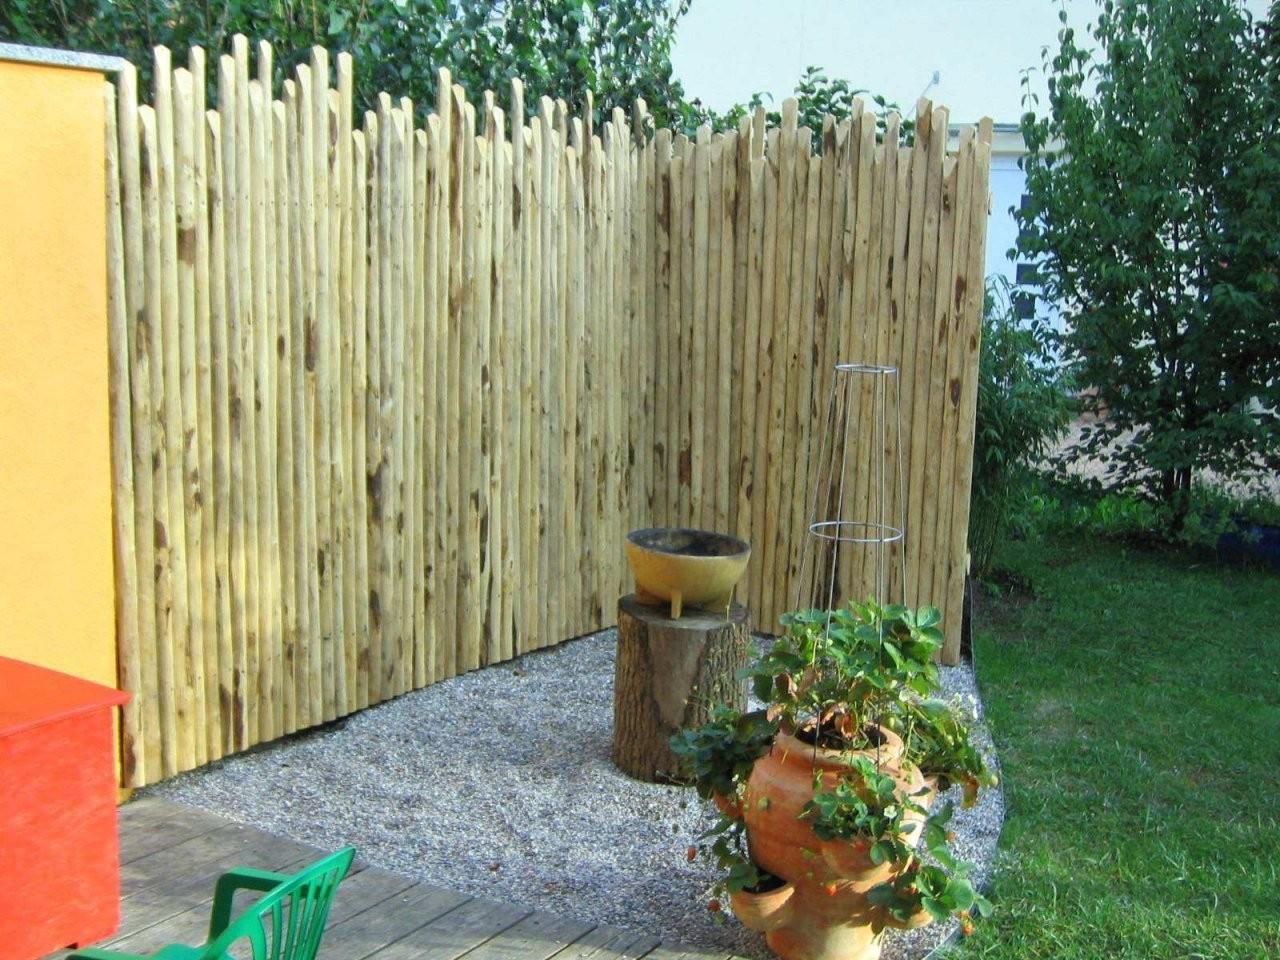 Sichtschutz Terrasse Holz Selber Bauen Konzept Von Sichtschutz von Sichtschutz Mit Blumenkasten Selber Bauen Photo